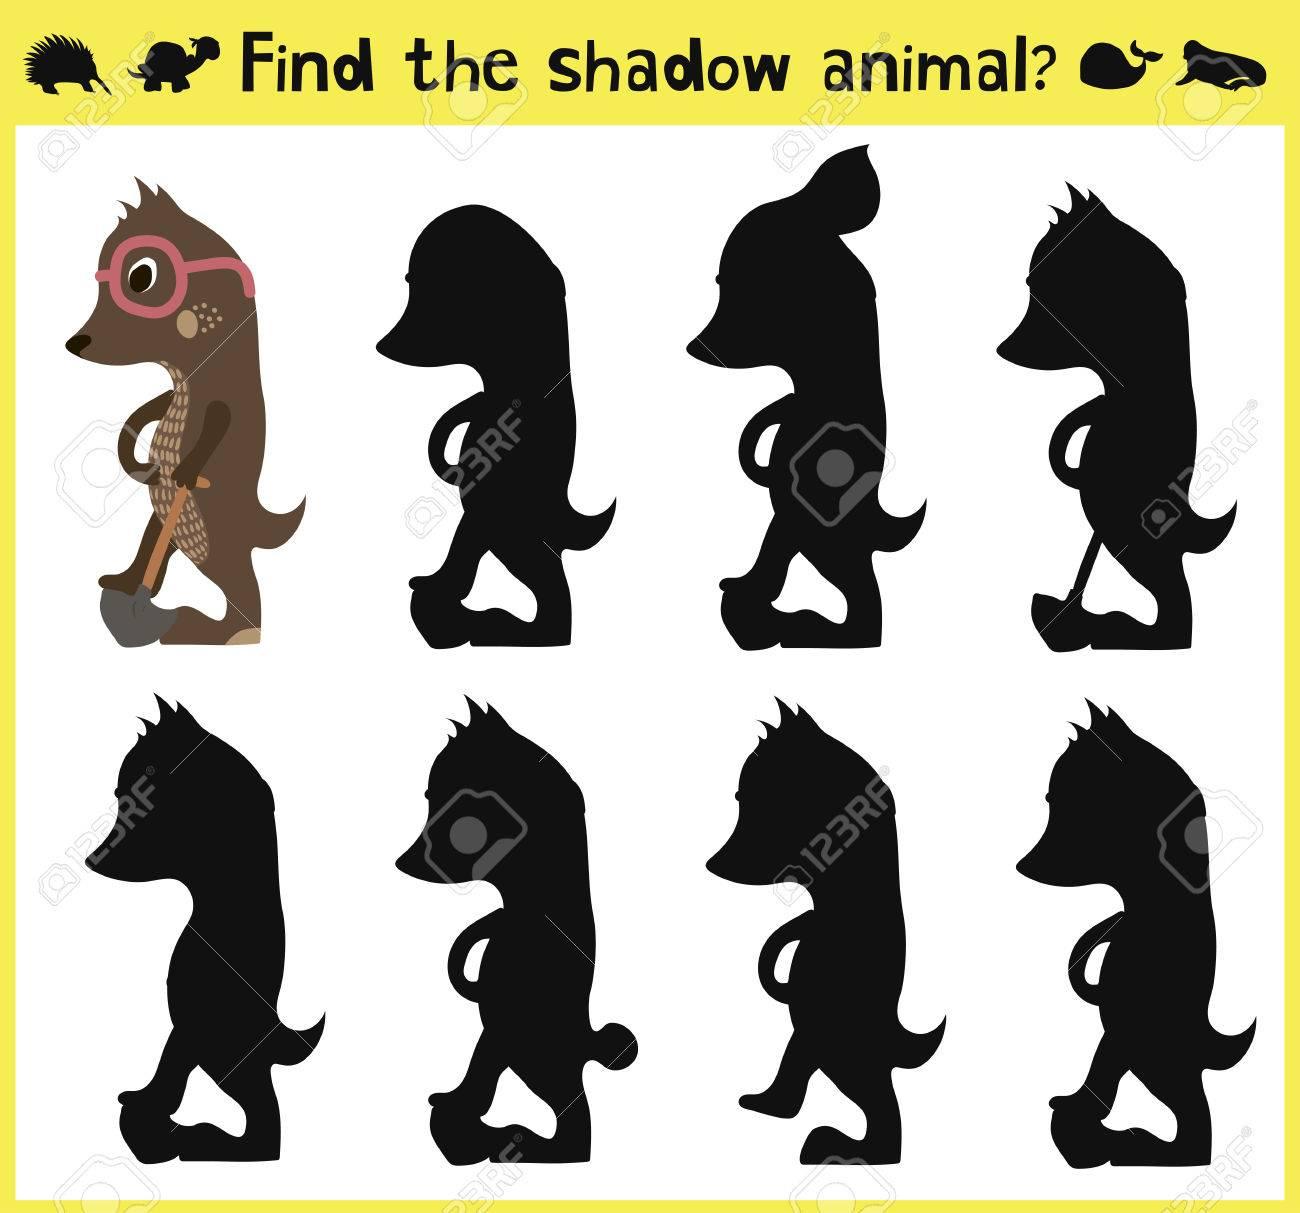 Développer Un Jeu D'enfants Pour Trouver Une Ombre Appropriée De L'animal  La Taupe. Vector Illustration pour Jeu De La Taupe